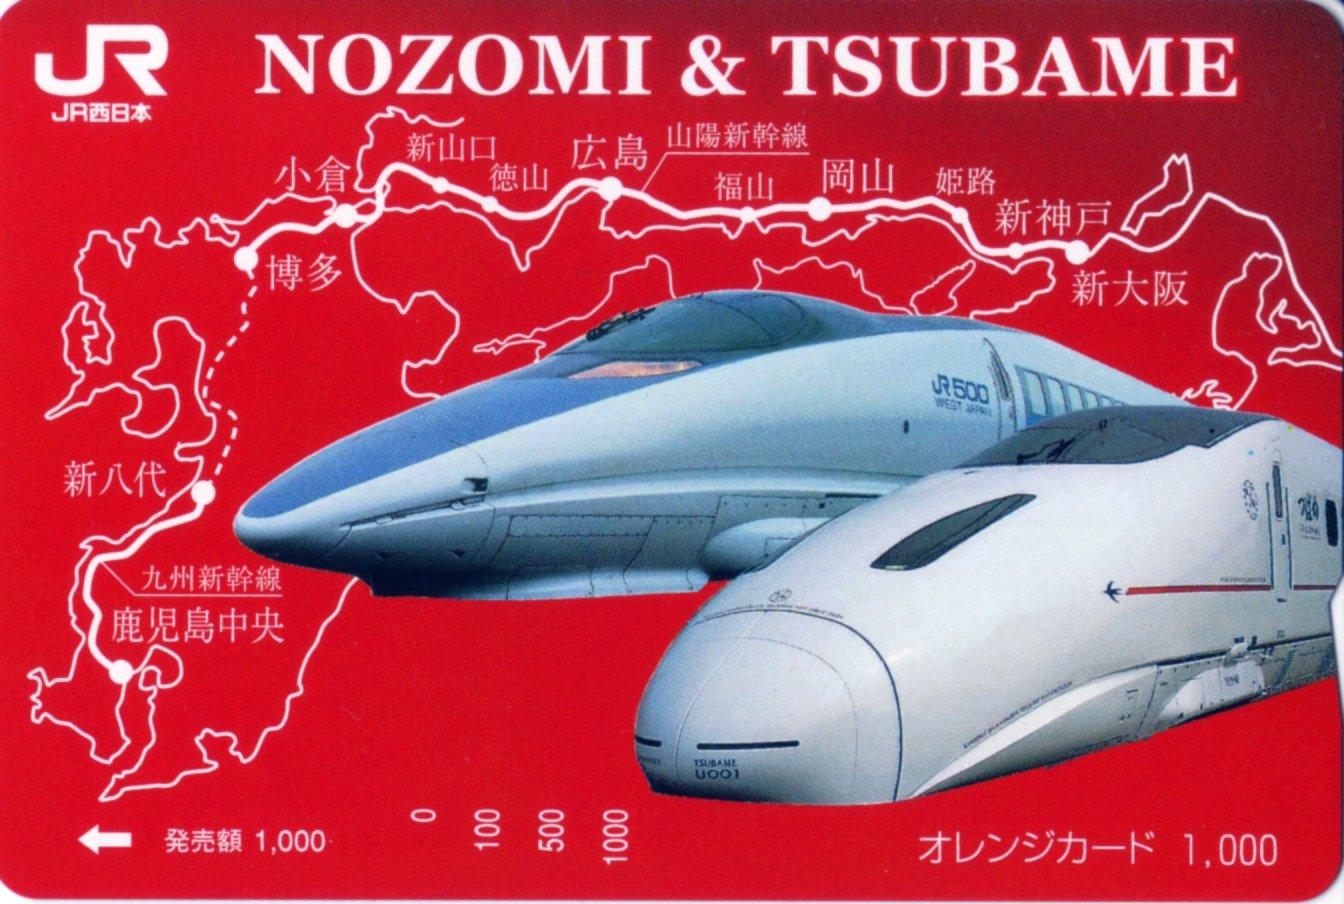 Shinkansen Nozomi & Tsubame